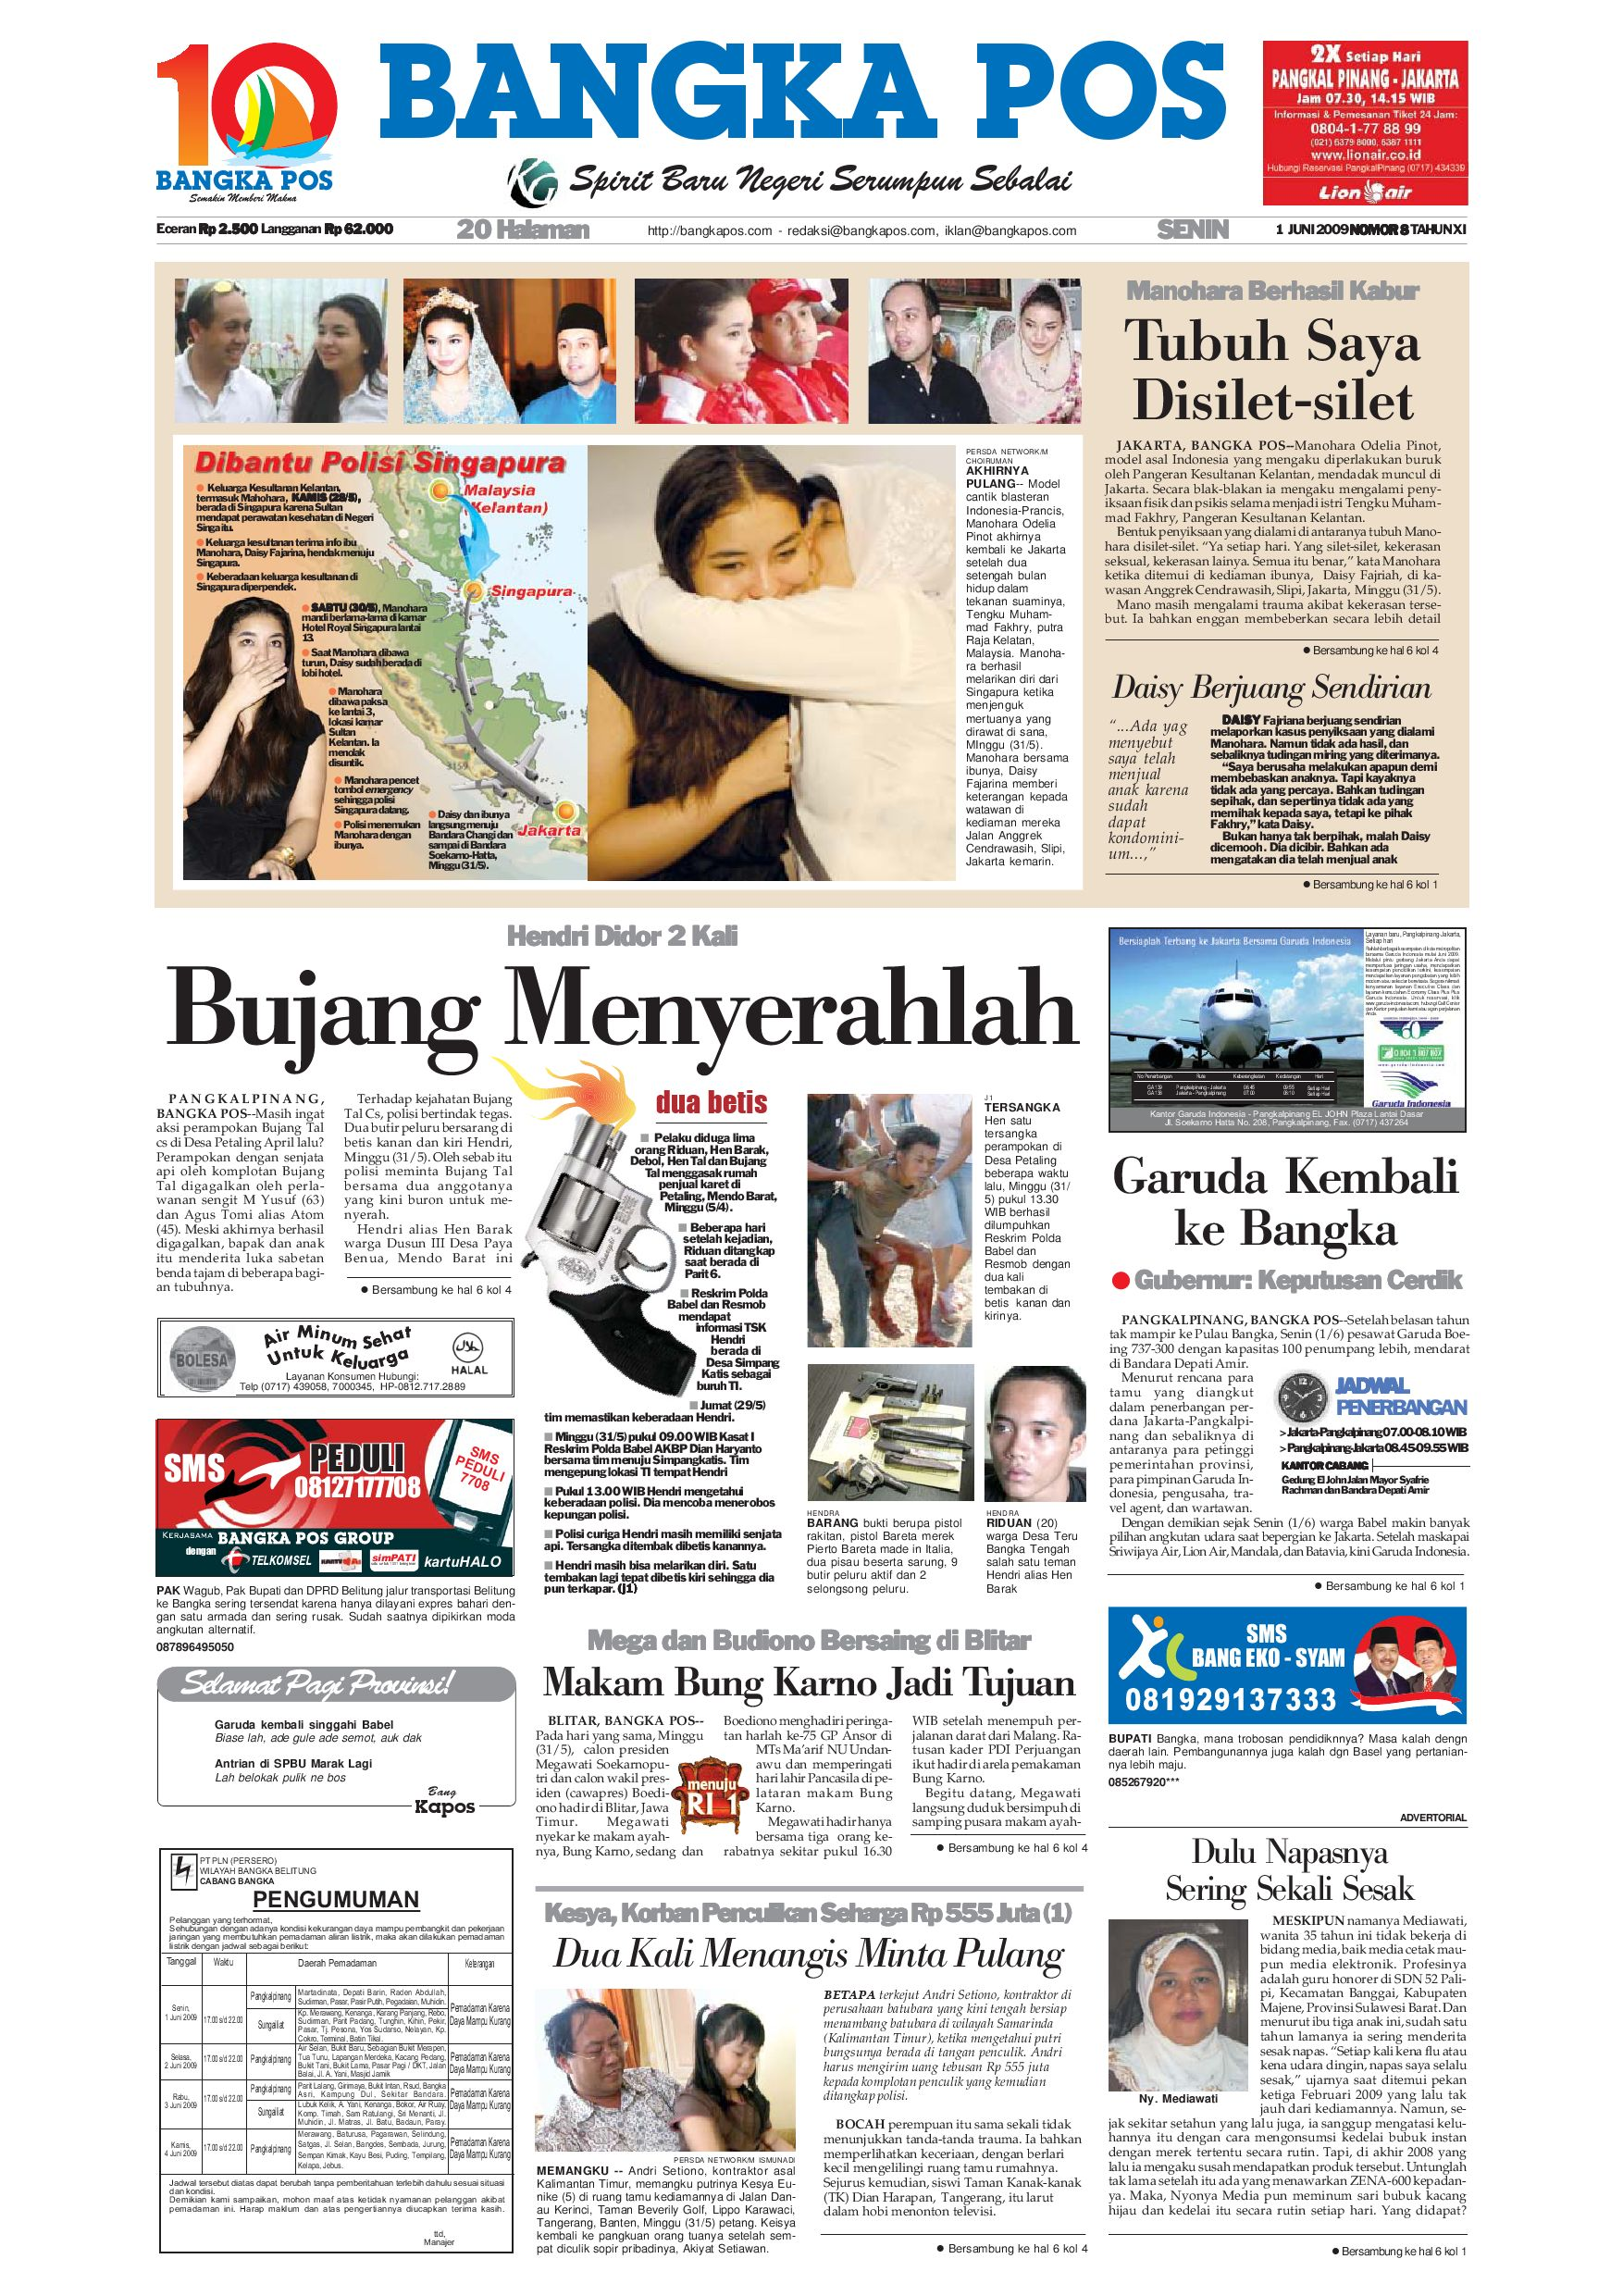 harian pagi bangka pos edisi 09 juni 2009 by bangka pos issuu